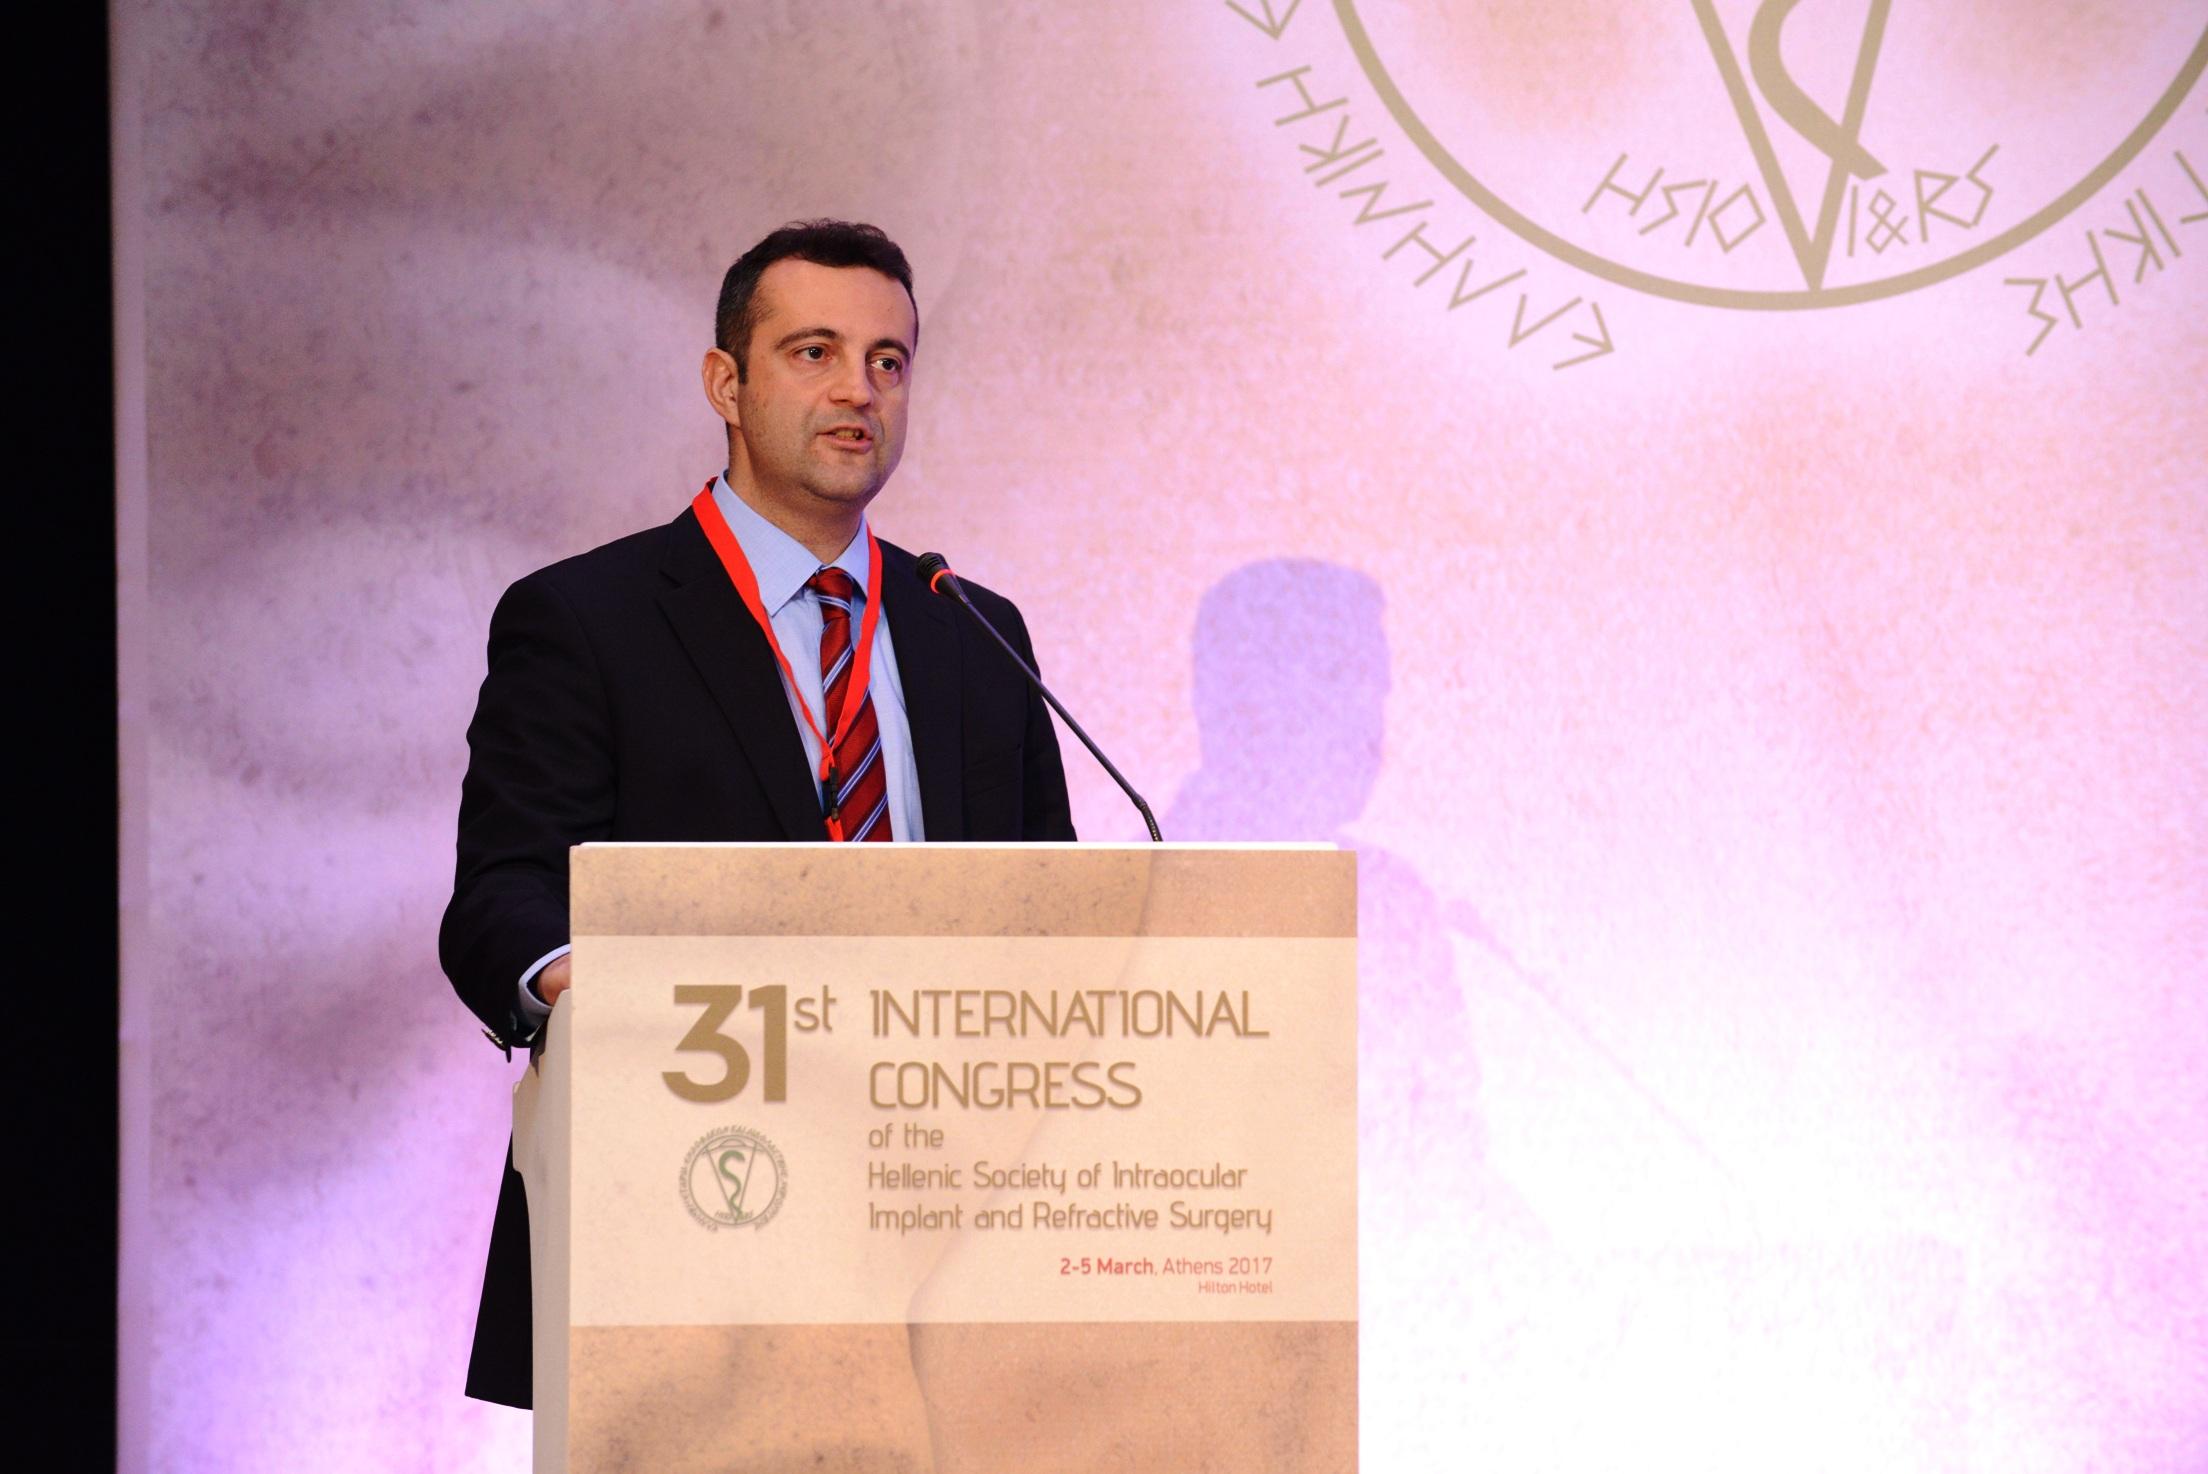 31o Διεθνές Συνέδριο της Ελληνικής Εταιρείας Ενδοφακών και Διαθλαστικής Χειρουργικής 31o Διεθνές Συνέδριο της Ελληνικής Εταιρείας Ενδοφακών και Διαθλαστικής Χειρουργικής